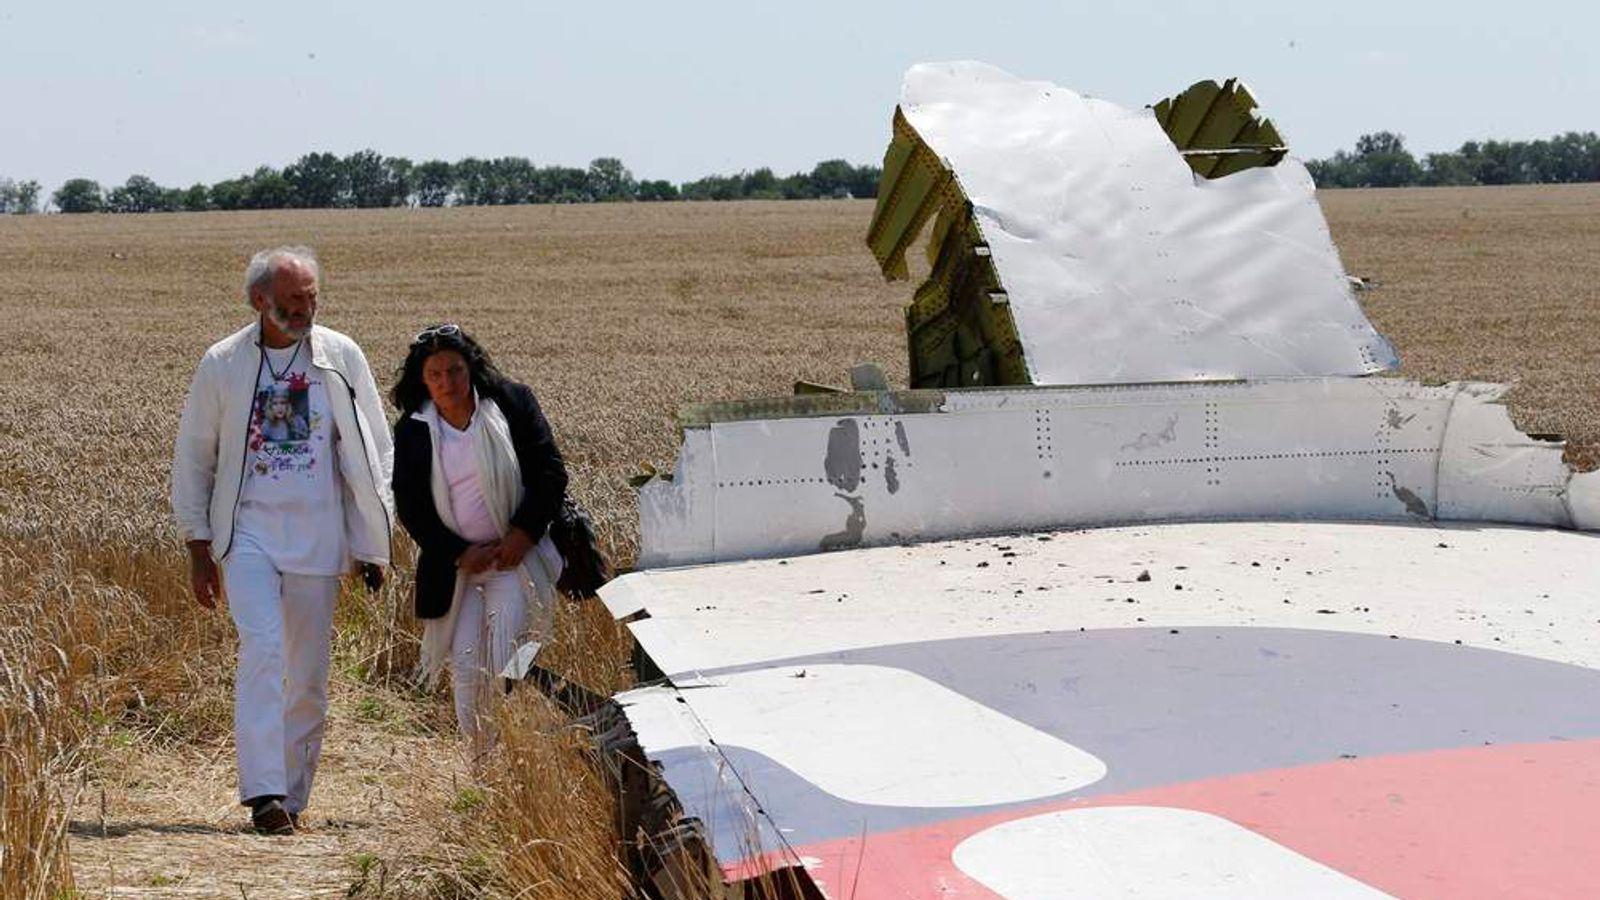 George and Angela Dyczynski walk near the wreckage of MH17